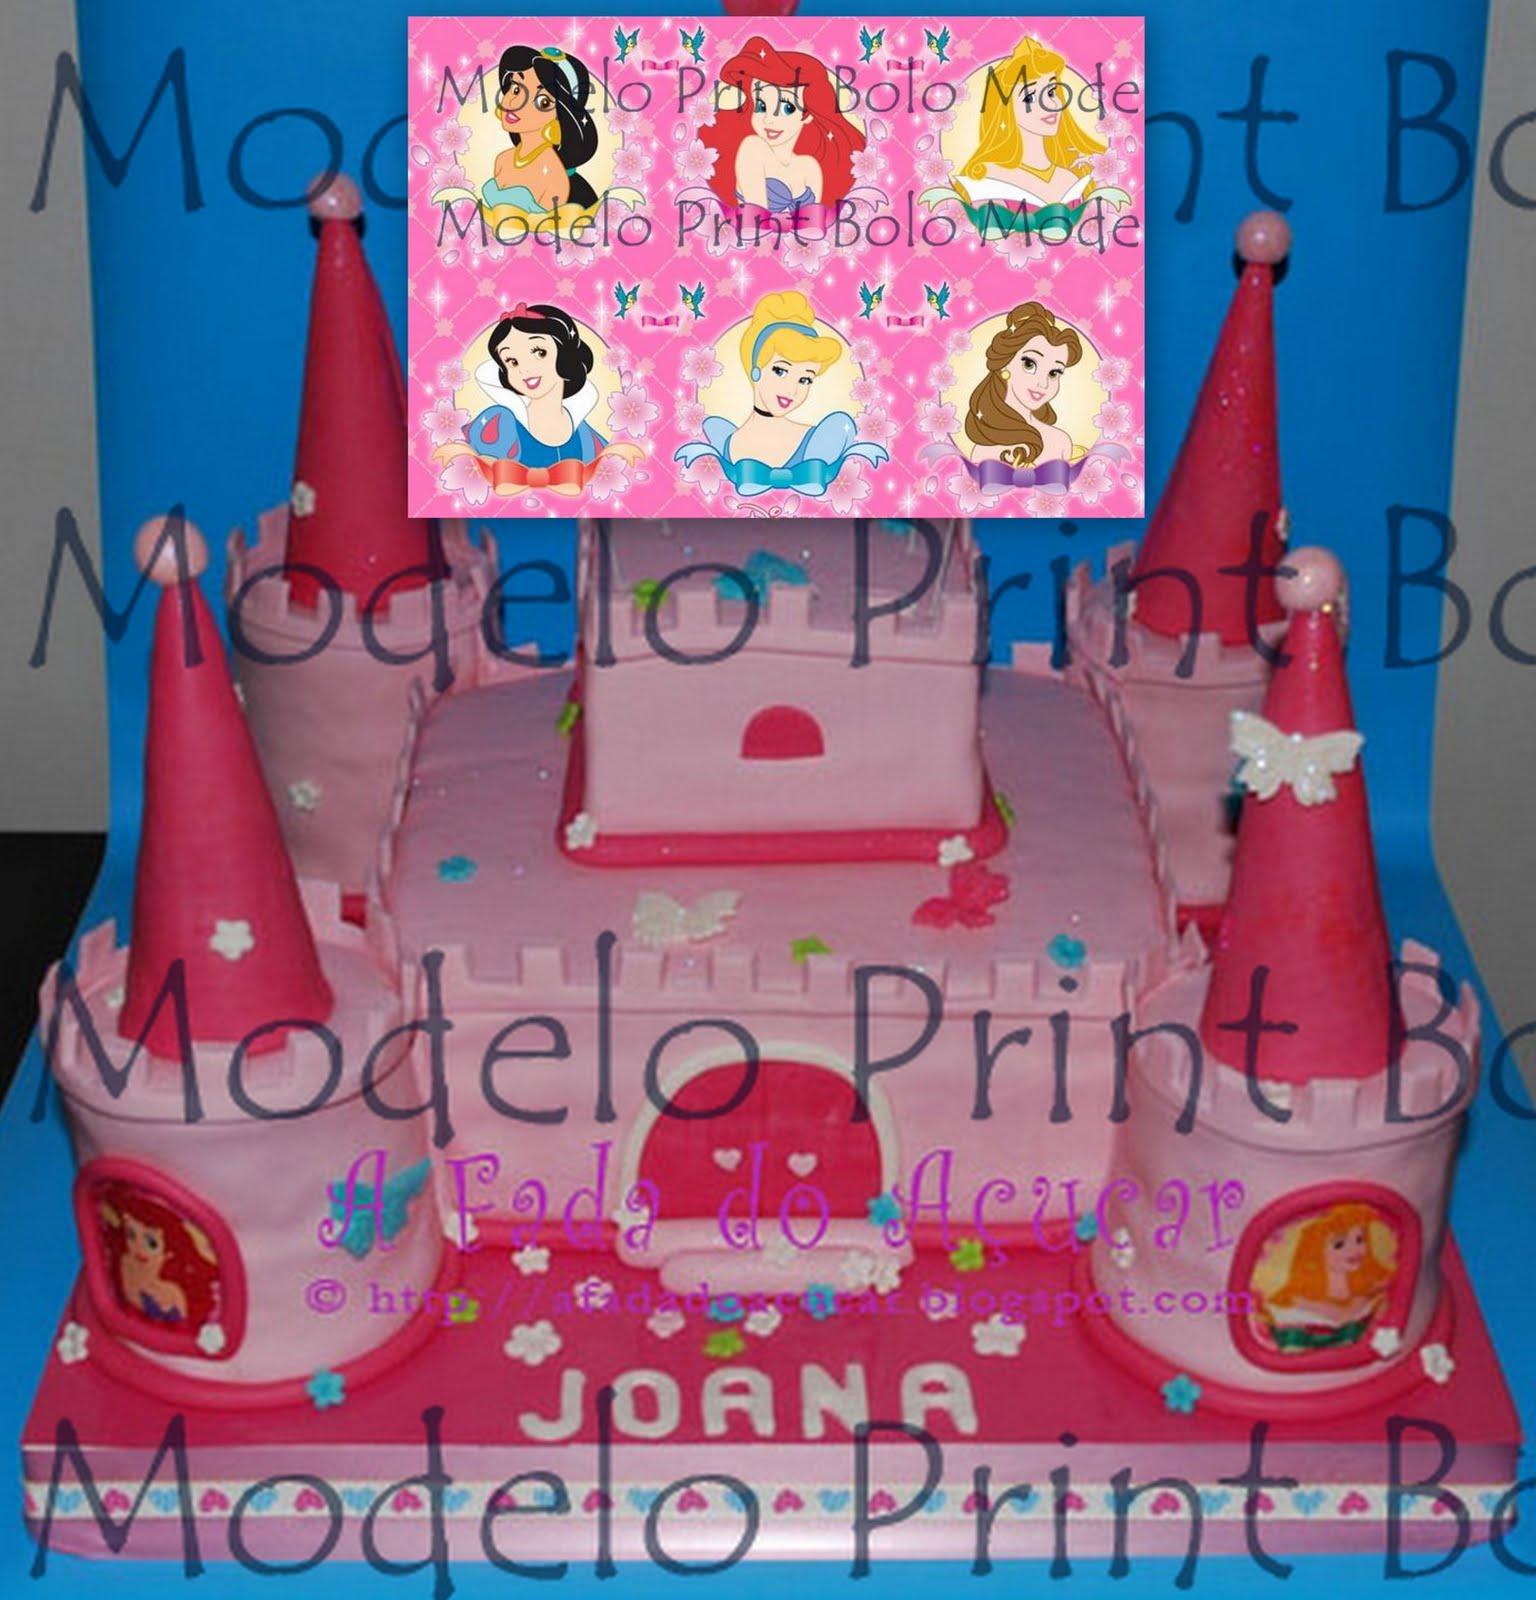 Das Princesas Disney Em Folha Glacada Em Pasta De Acucar Da Print Bolo